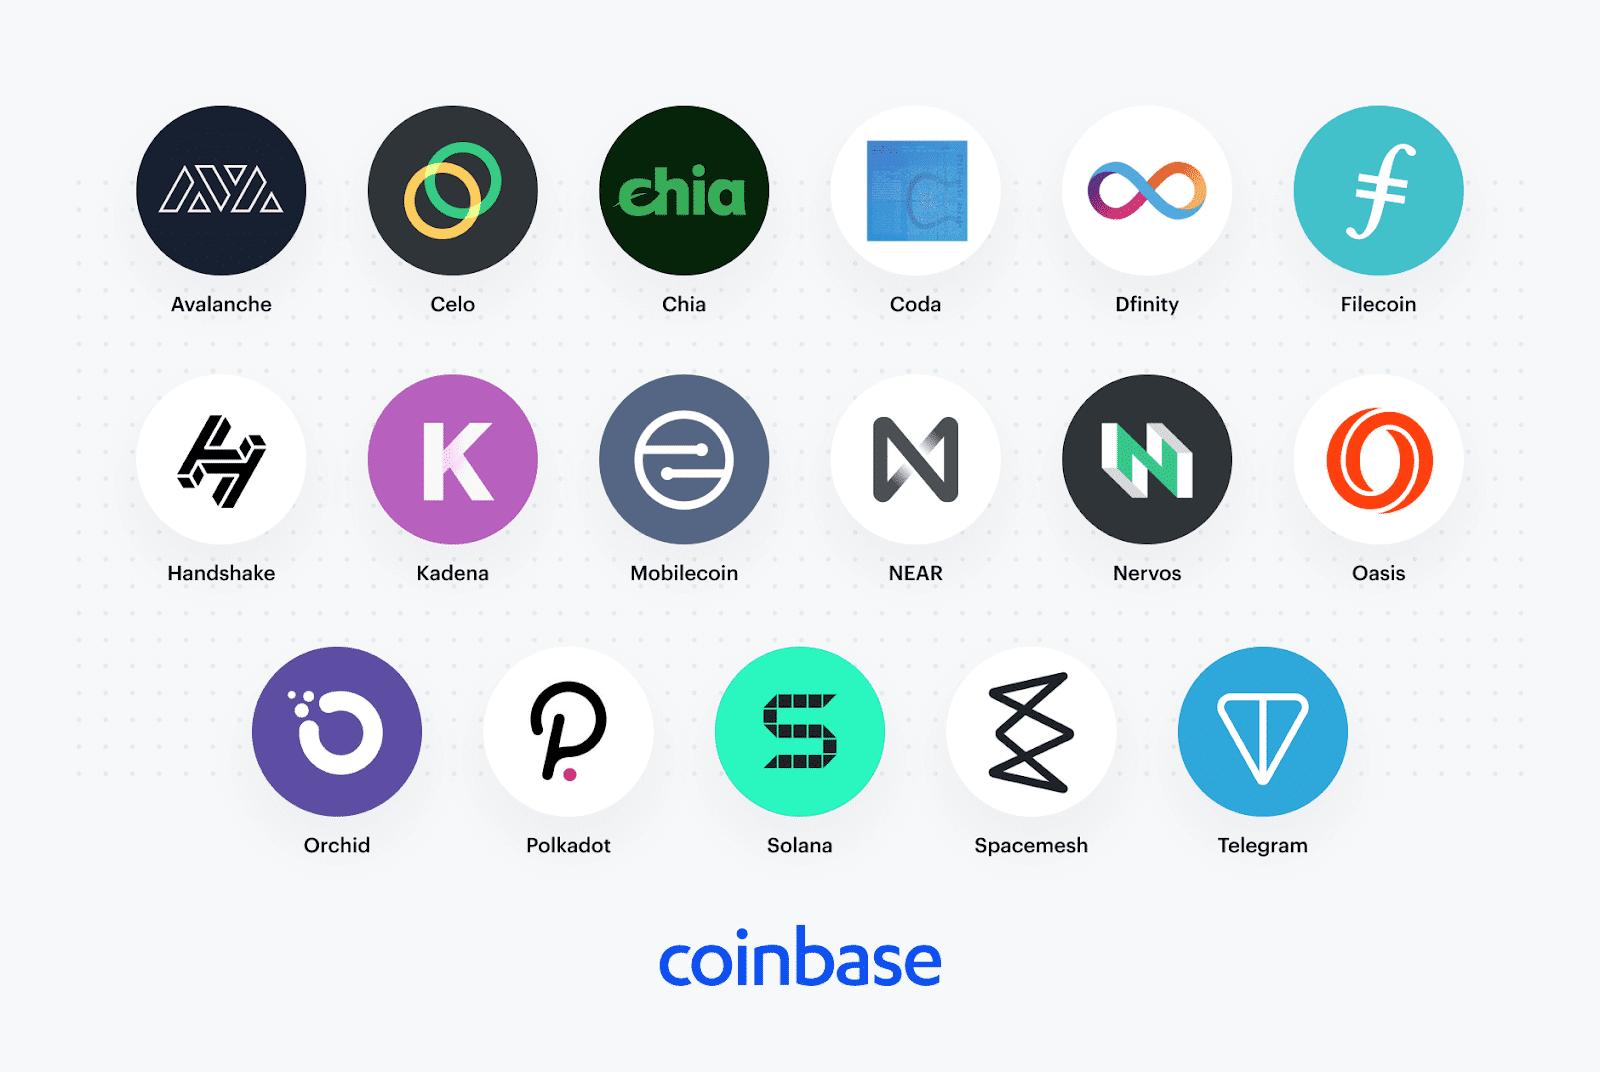 Coinbase valuta il listing del token Gram di Telegram